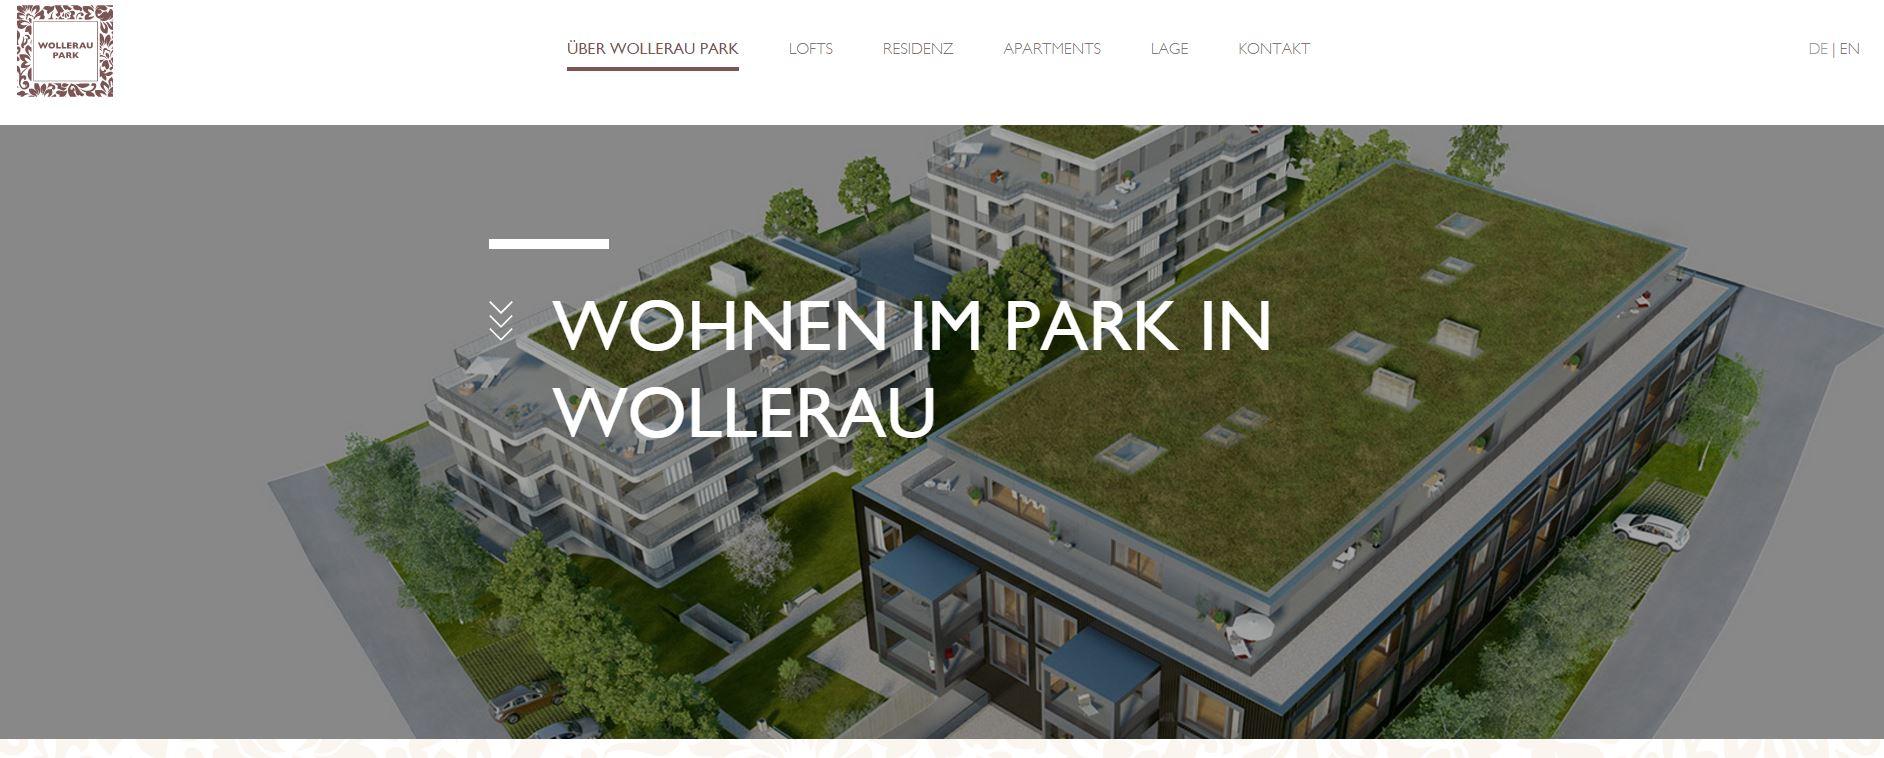 Peach Property a vendu près de la moitié des logements à Wollerau